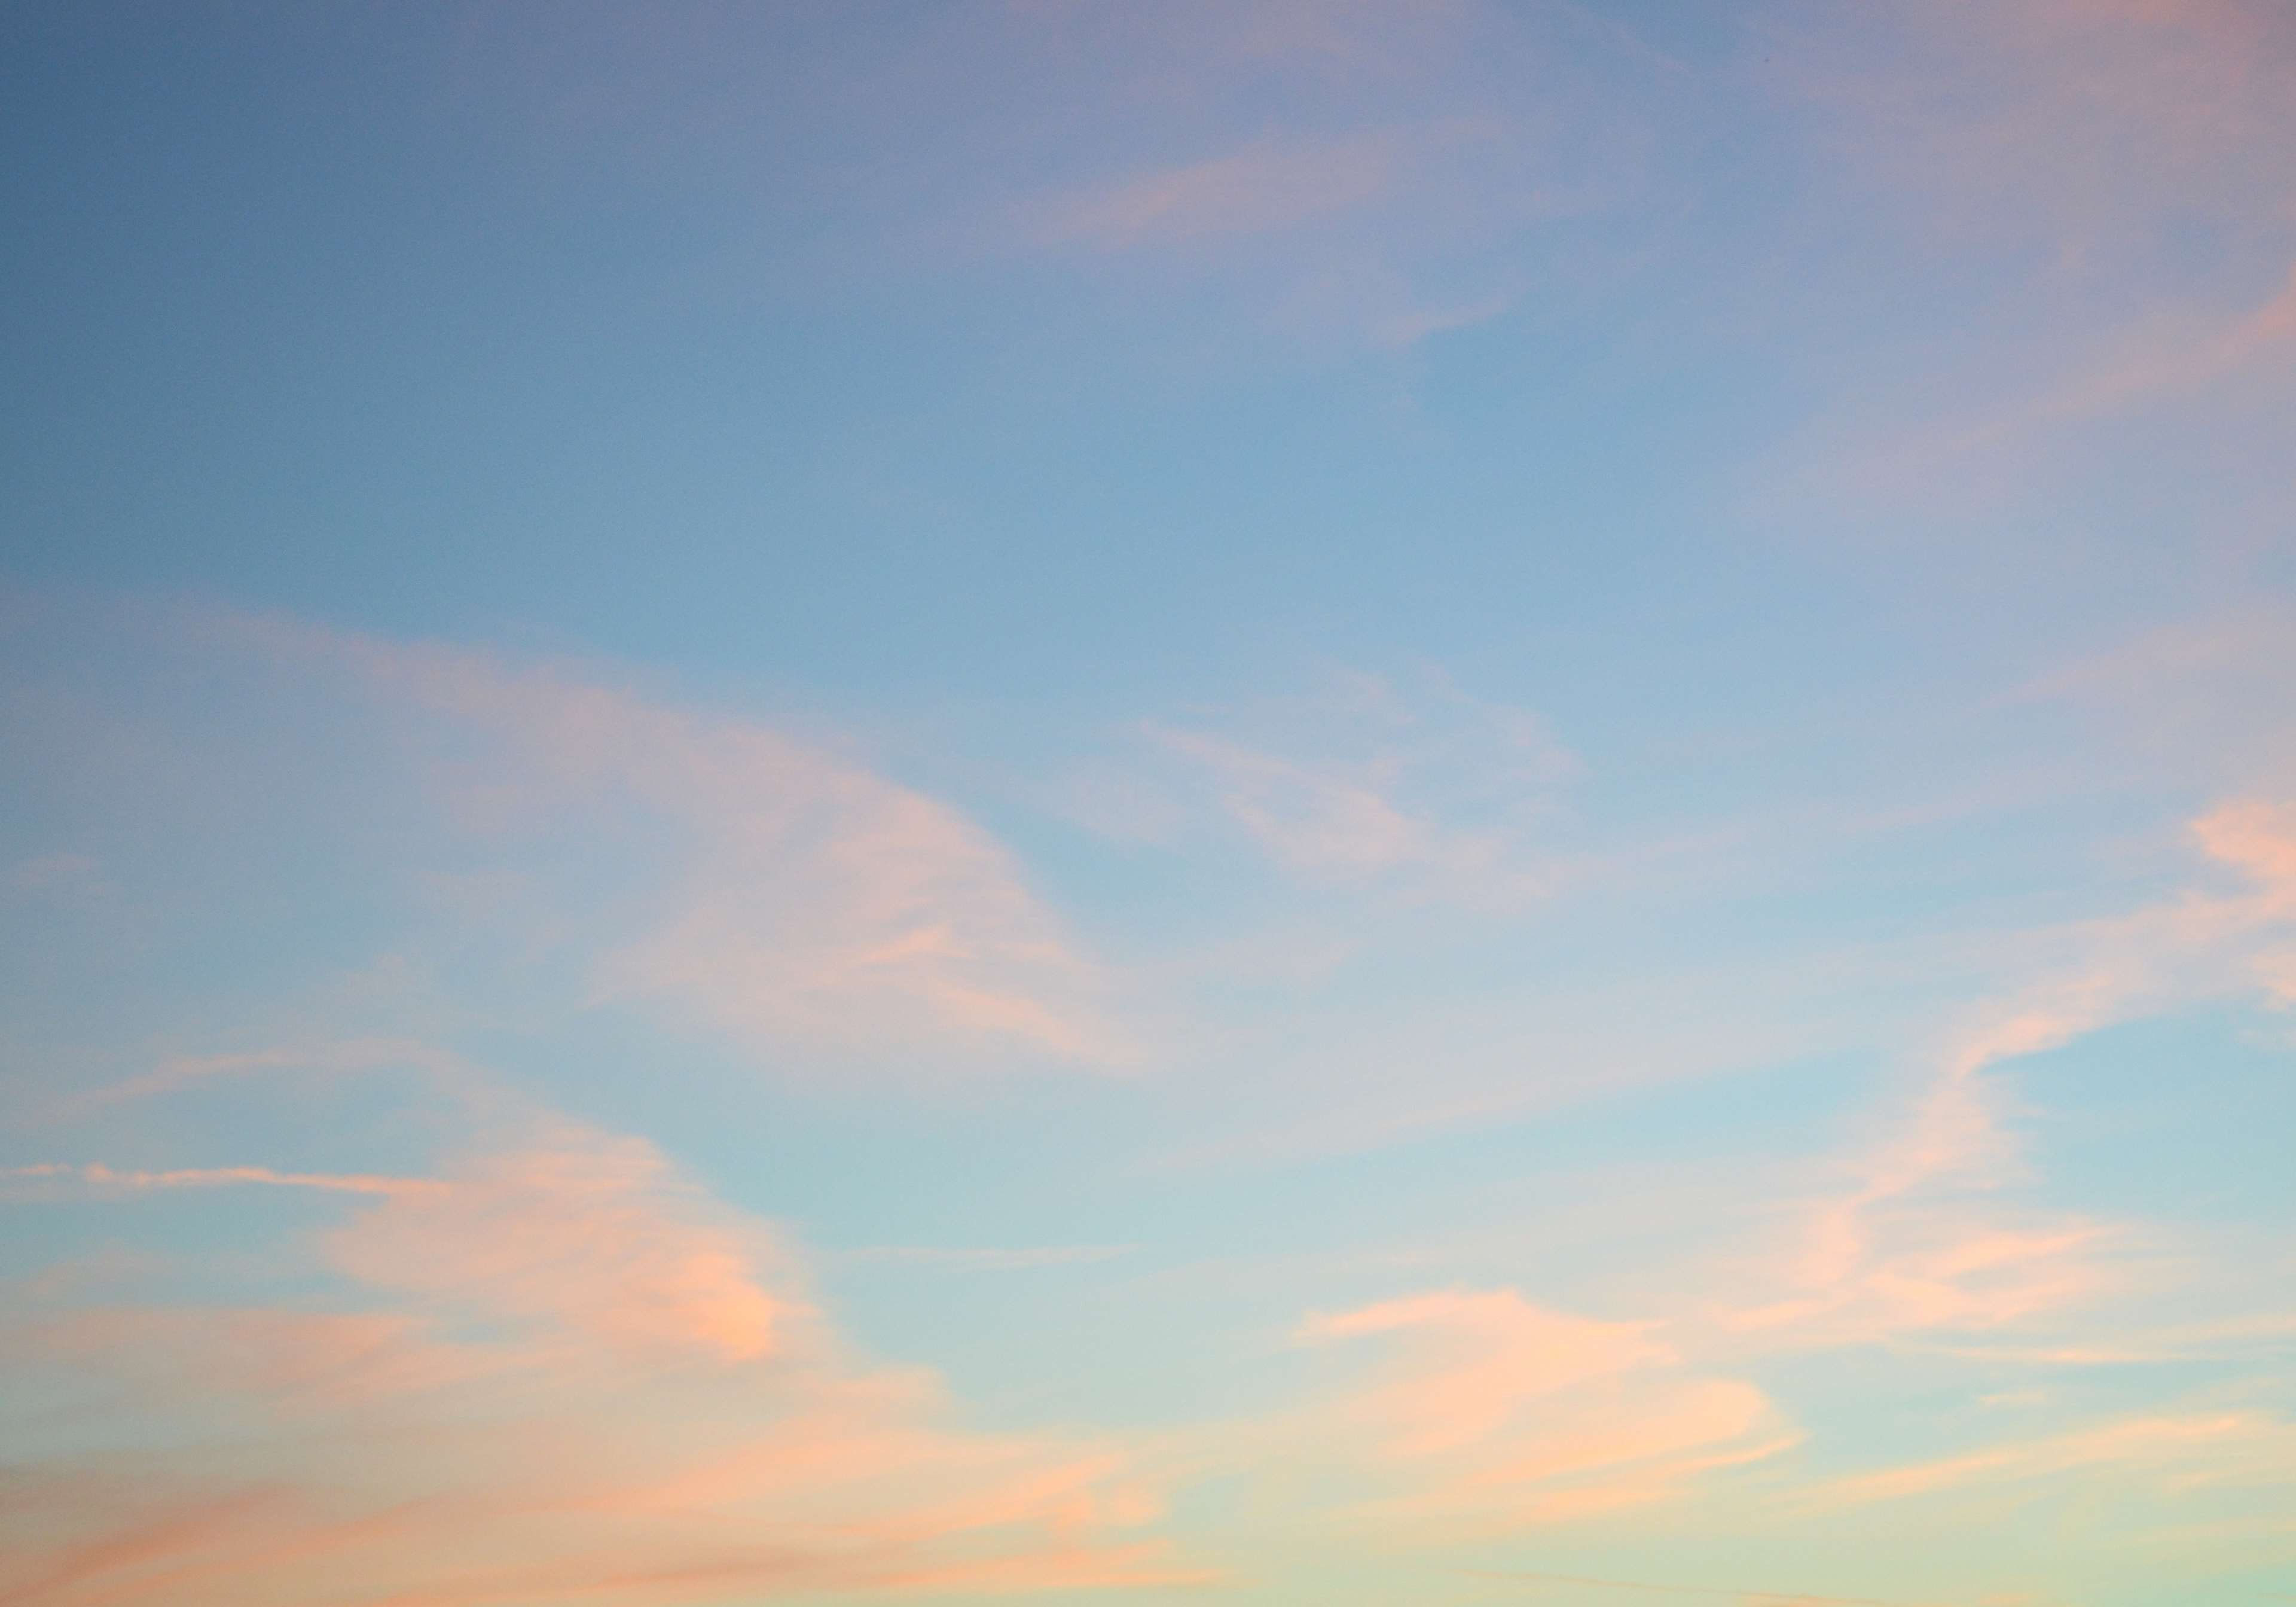 Ảnh background bầu trời cực chất cực đẹp